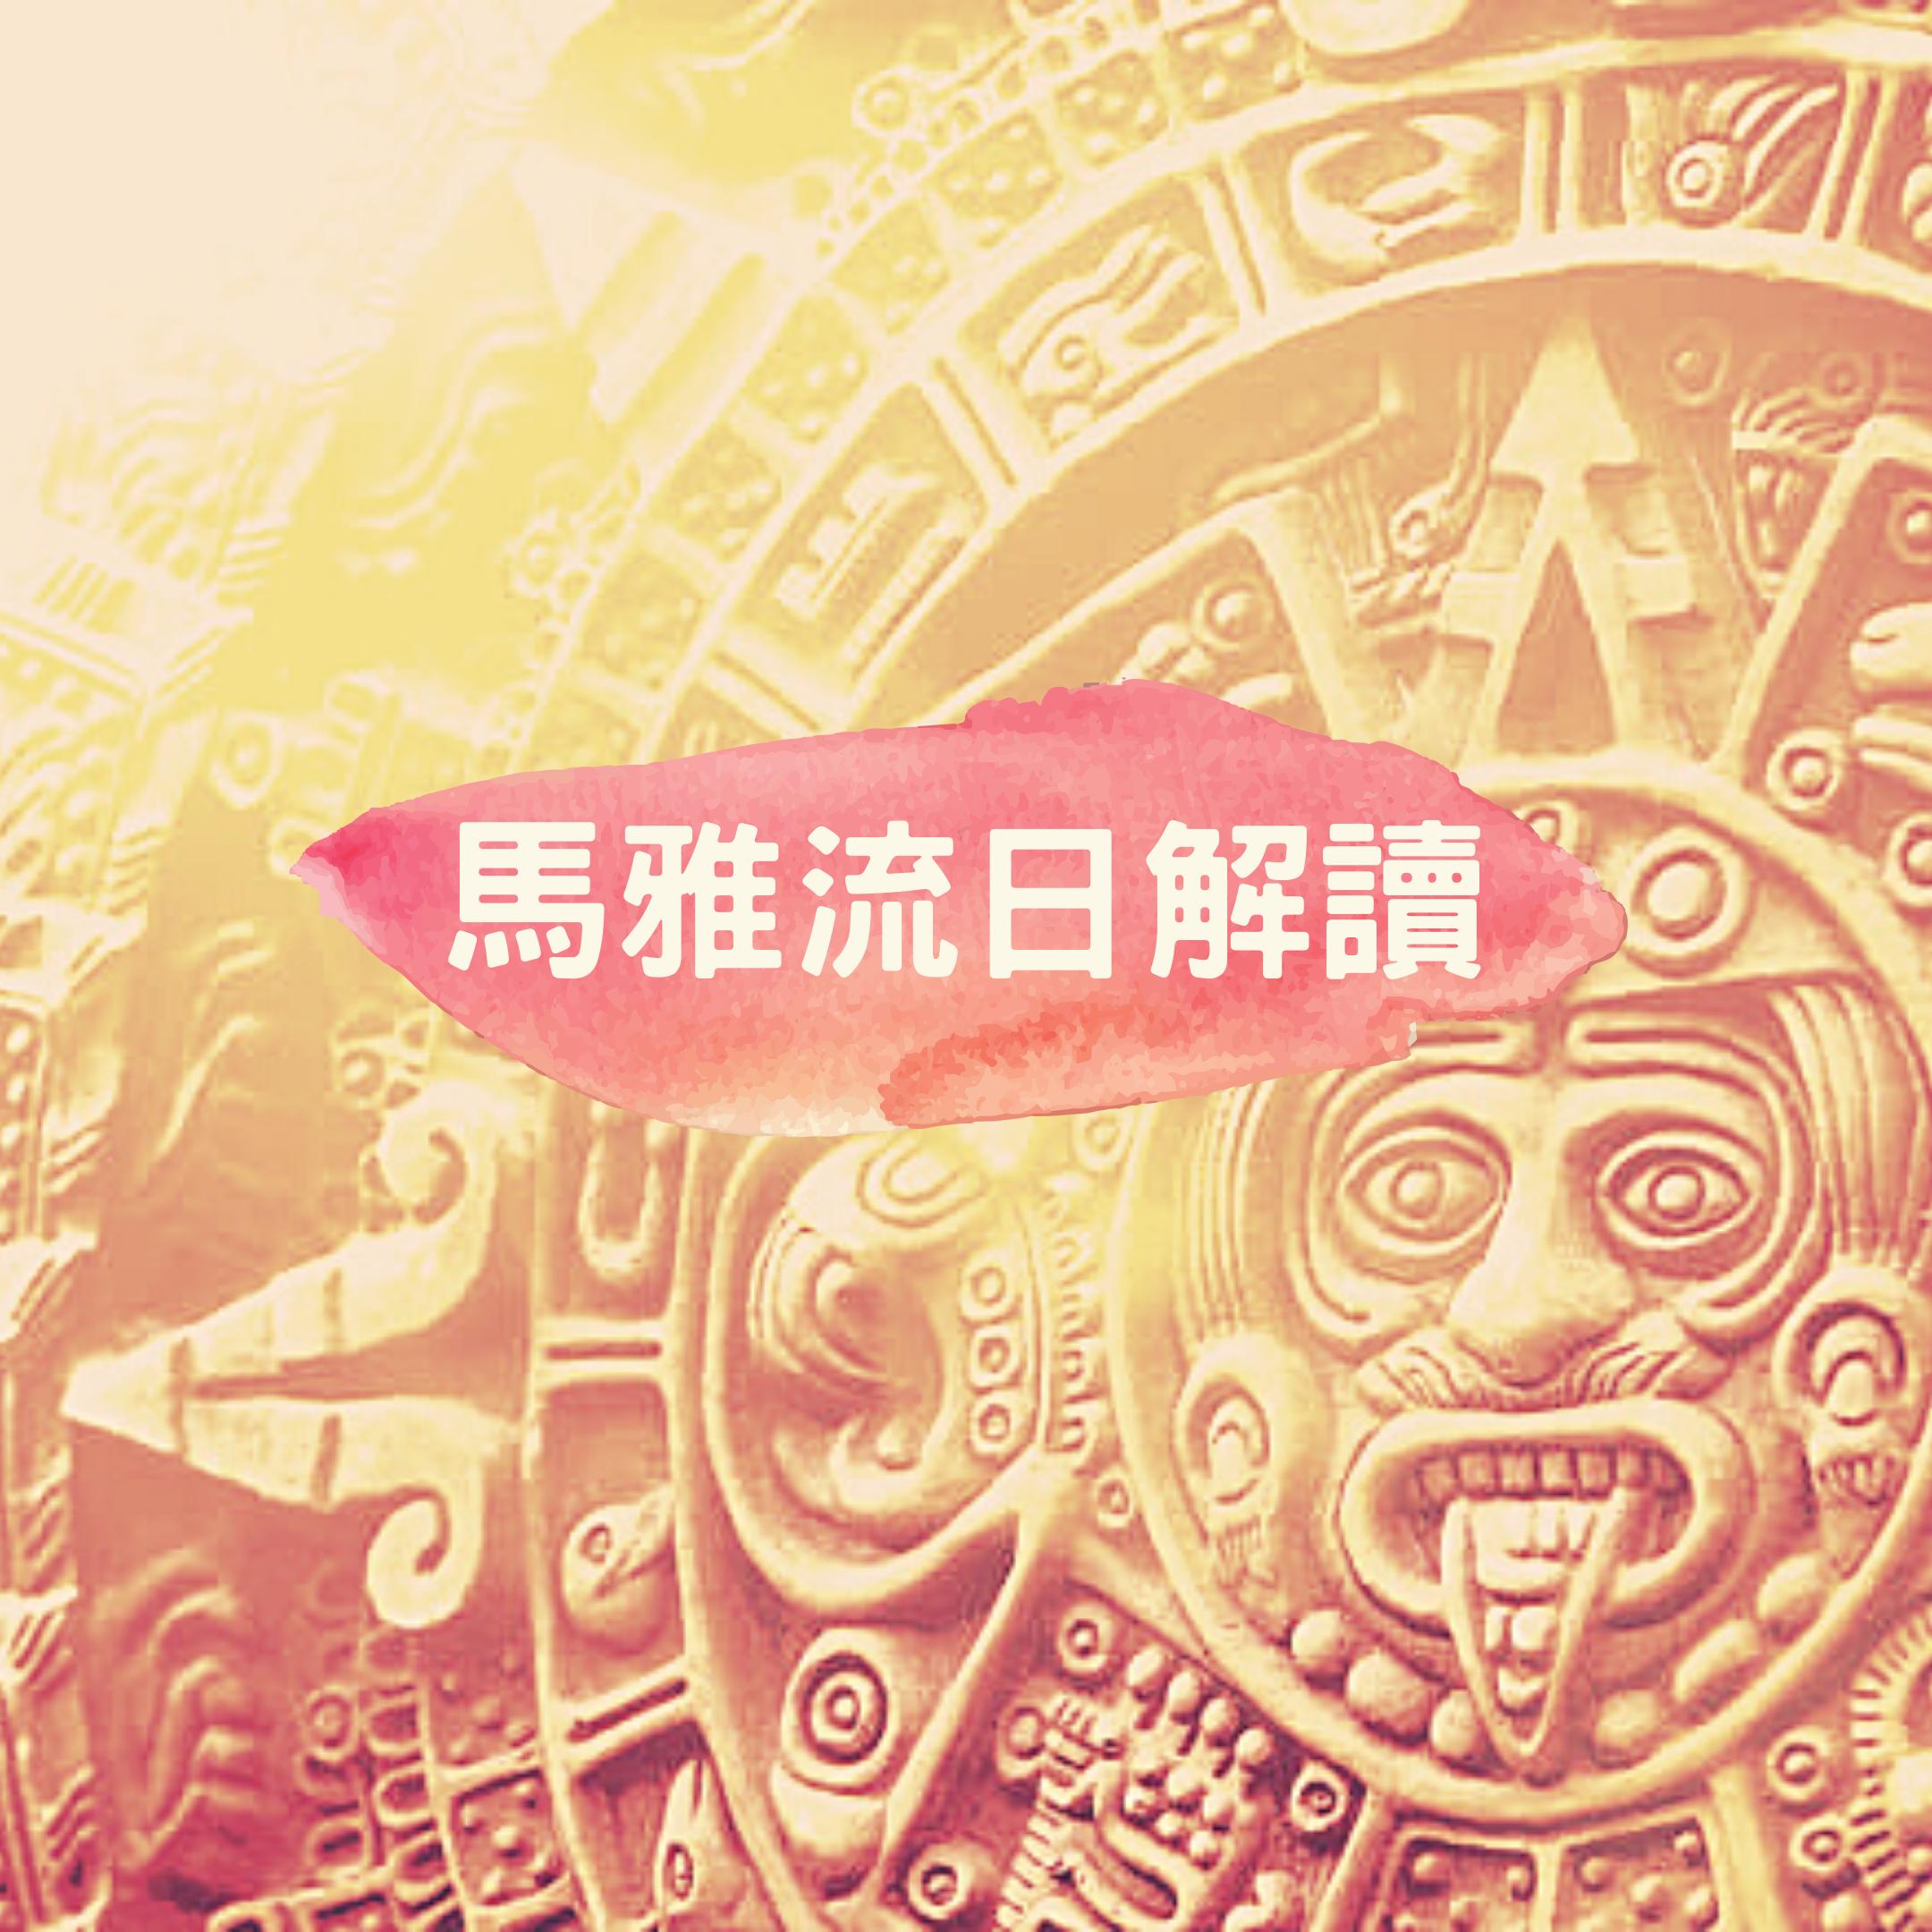 馬雅流日11.04 kin 220 水晶黃太陽